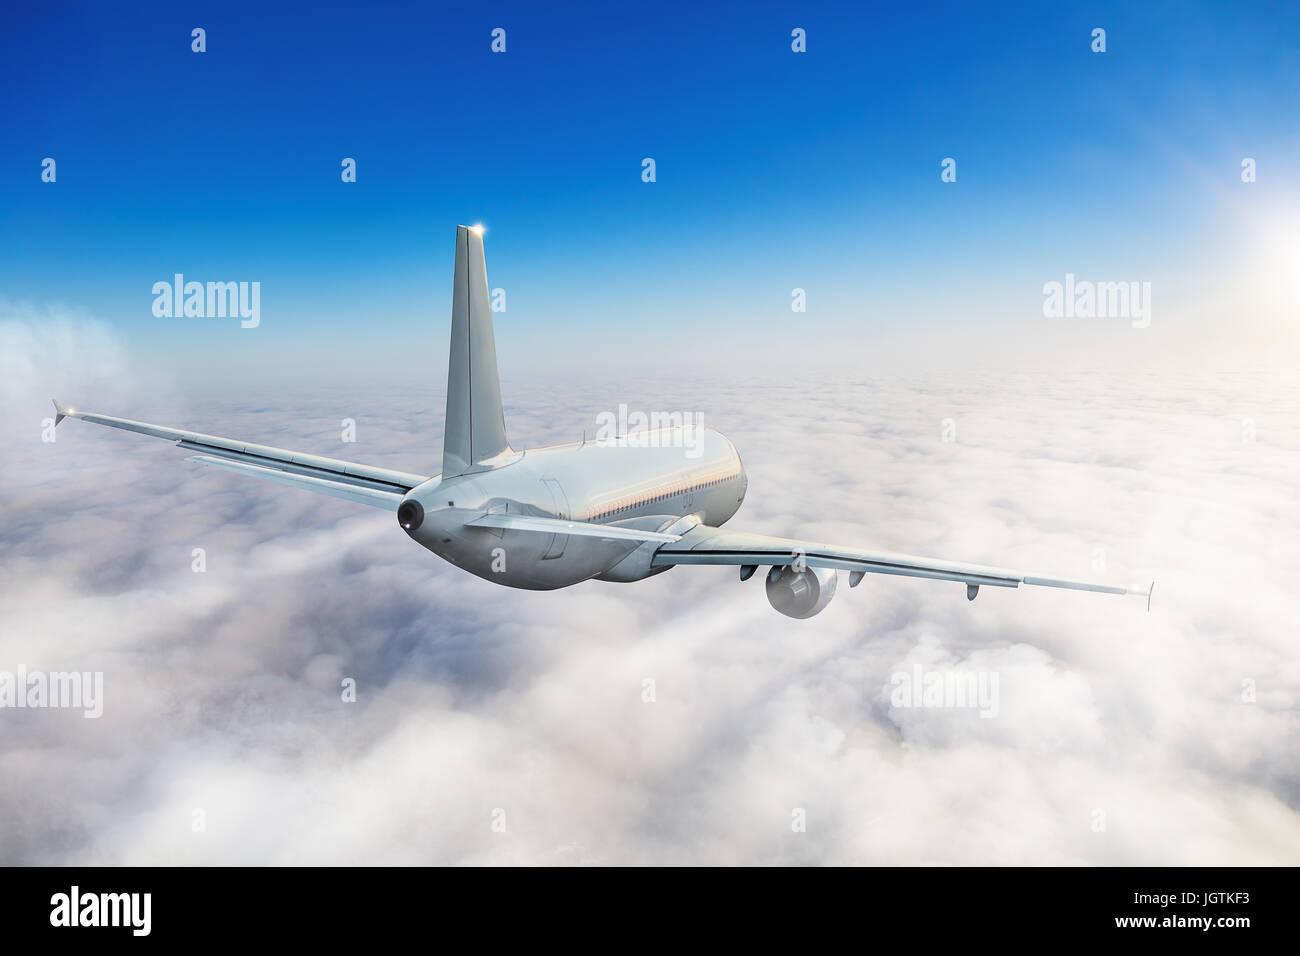 Los pasajeros avión volando por encima de las nubes. Transporte y Viajes concepto. El vehículo aéreo Imagen De Stock